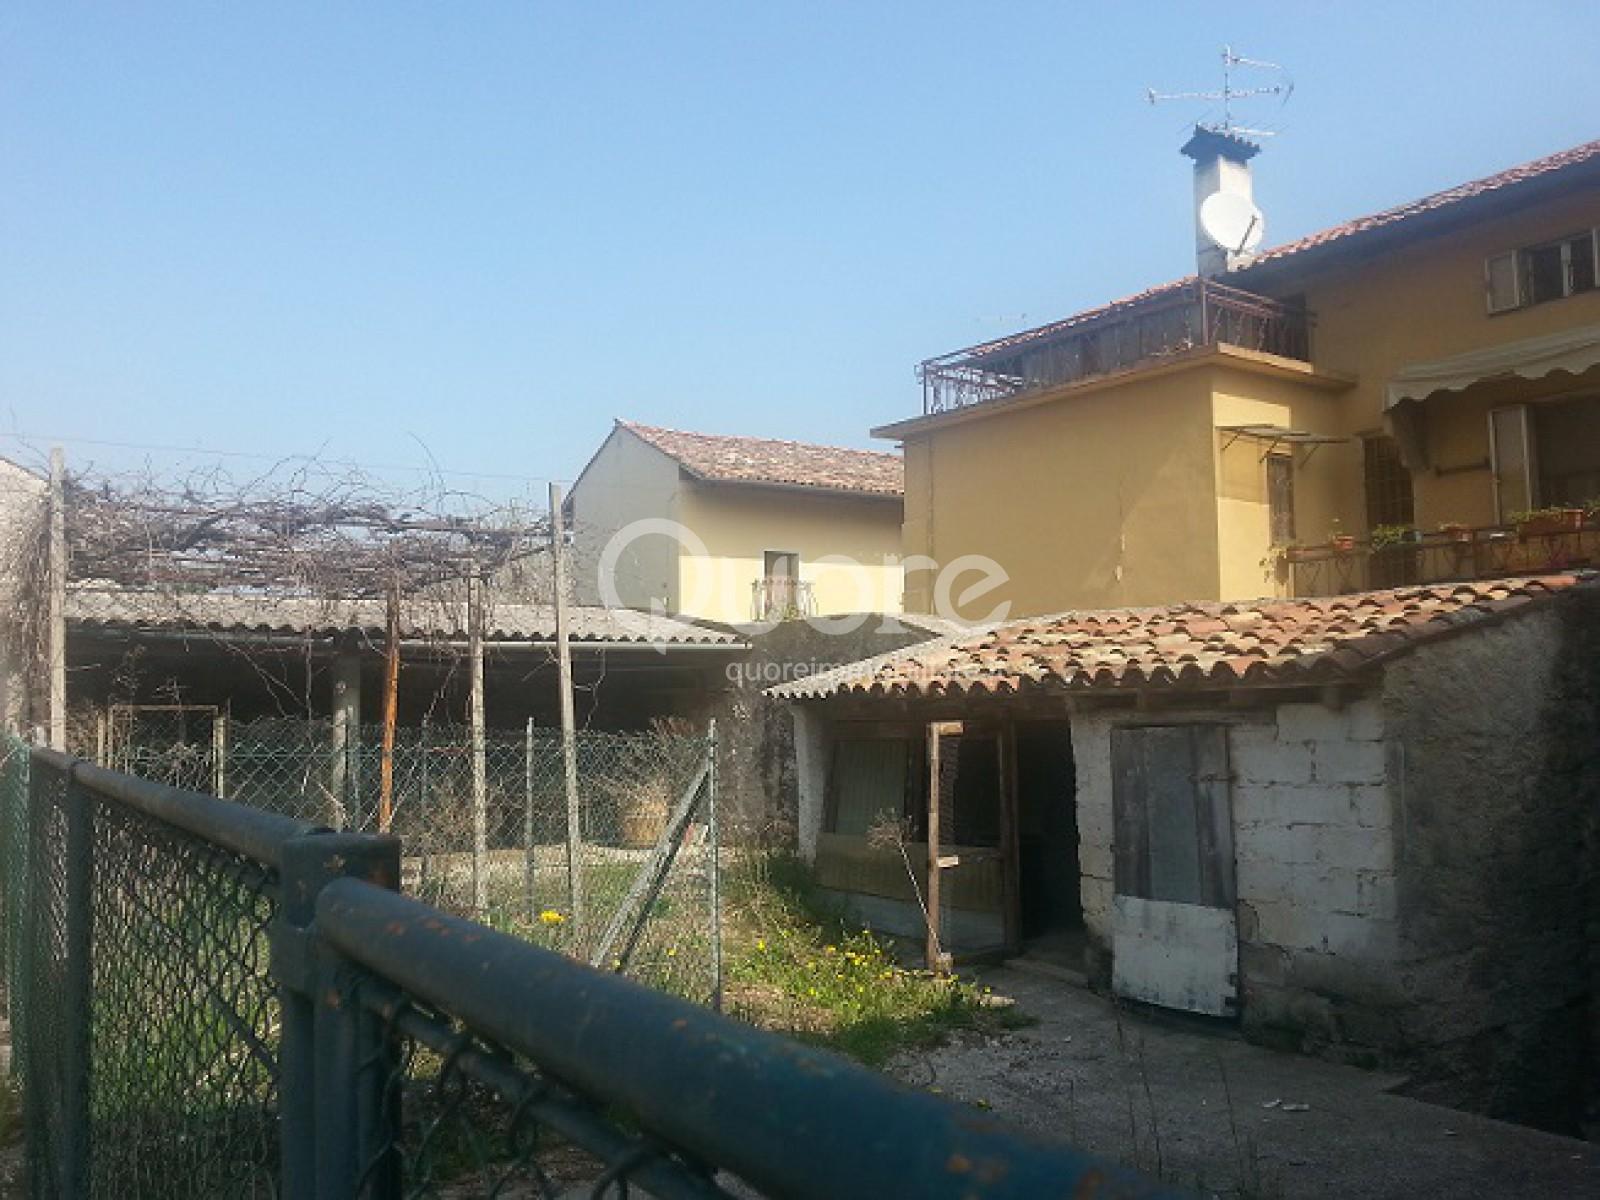 Soluzione Indipendente in vendita a Basiliano, 6 locali, prezzo € 85.000 | CambioCasa.it